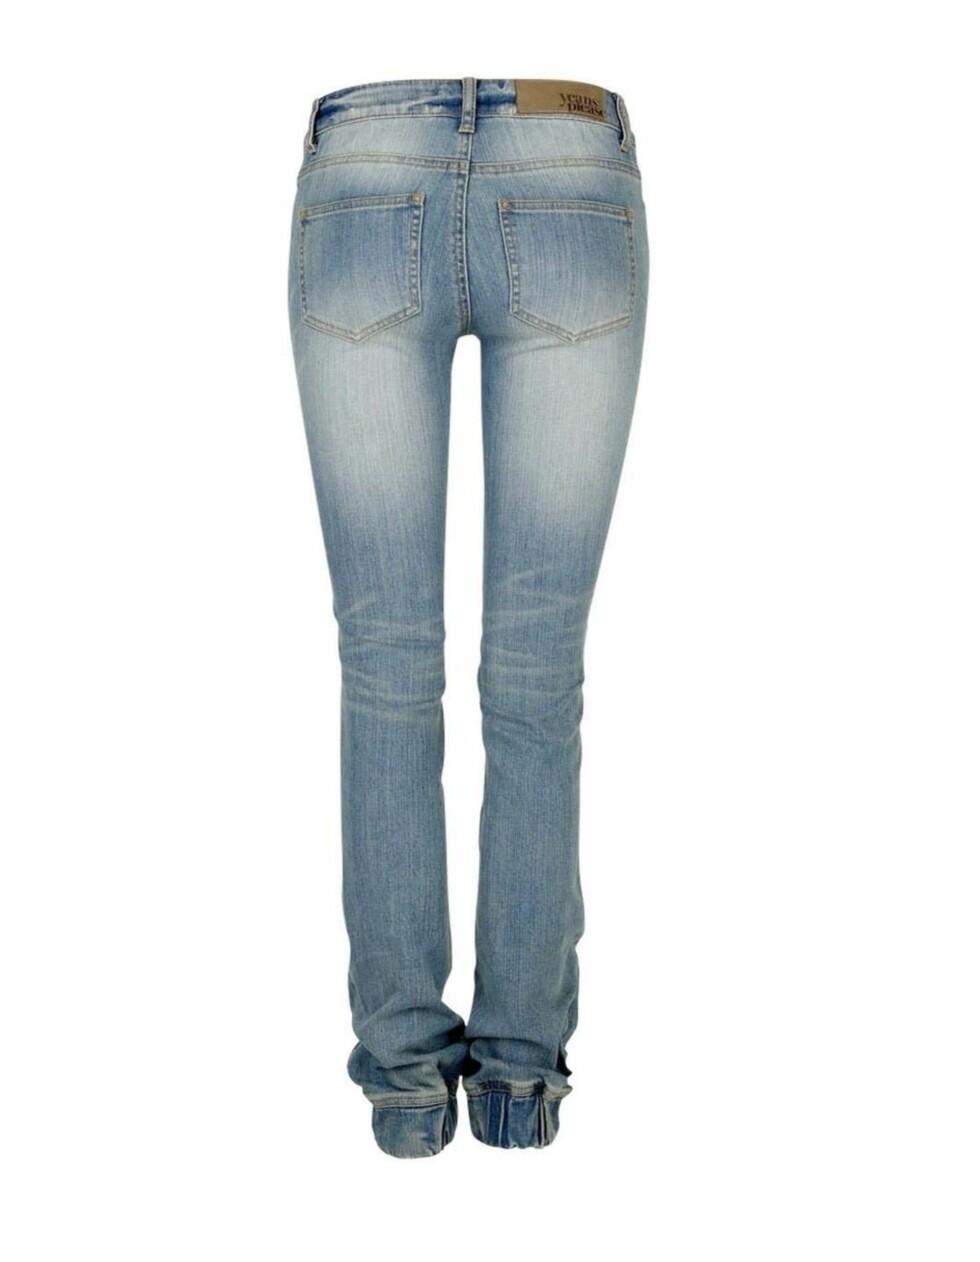 GIR LANGE BEIN: Lyse trendy jeans med strikk nederst som er perfekt til snertne skoletter (kr 400, Cubus).